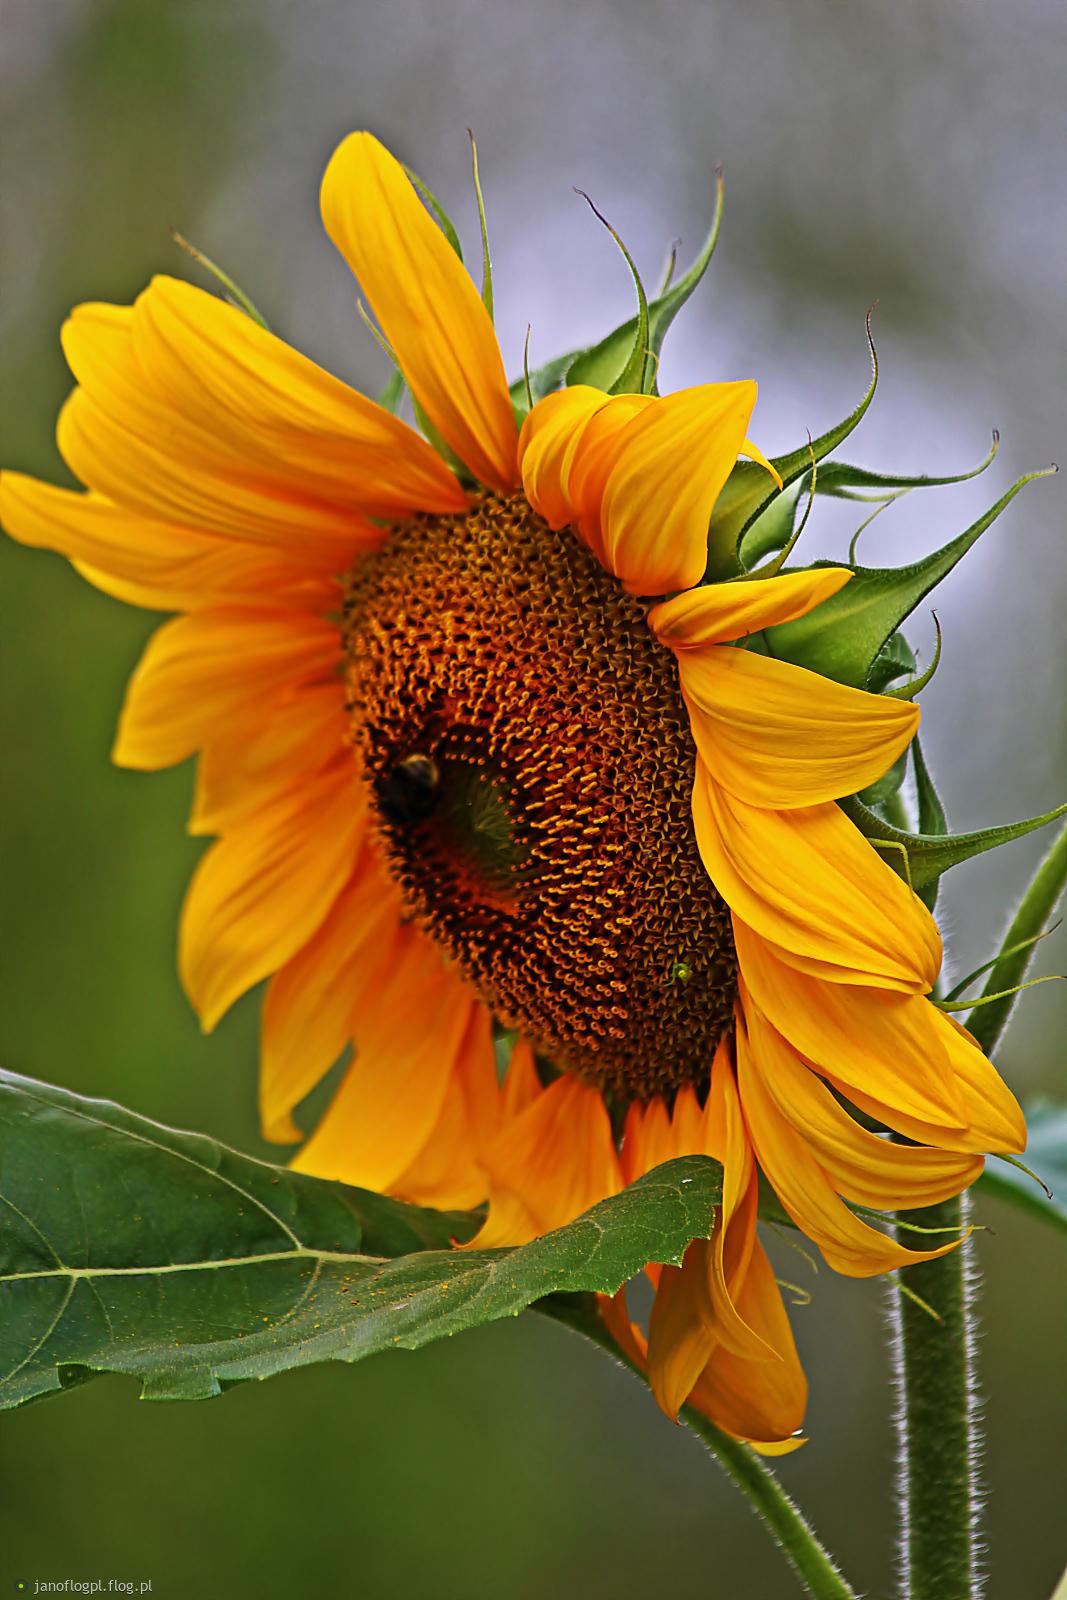 Słonecznikowe słoneczko dla Was na powitanie